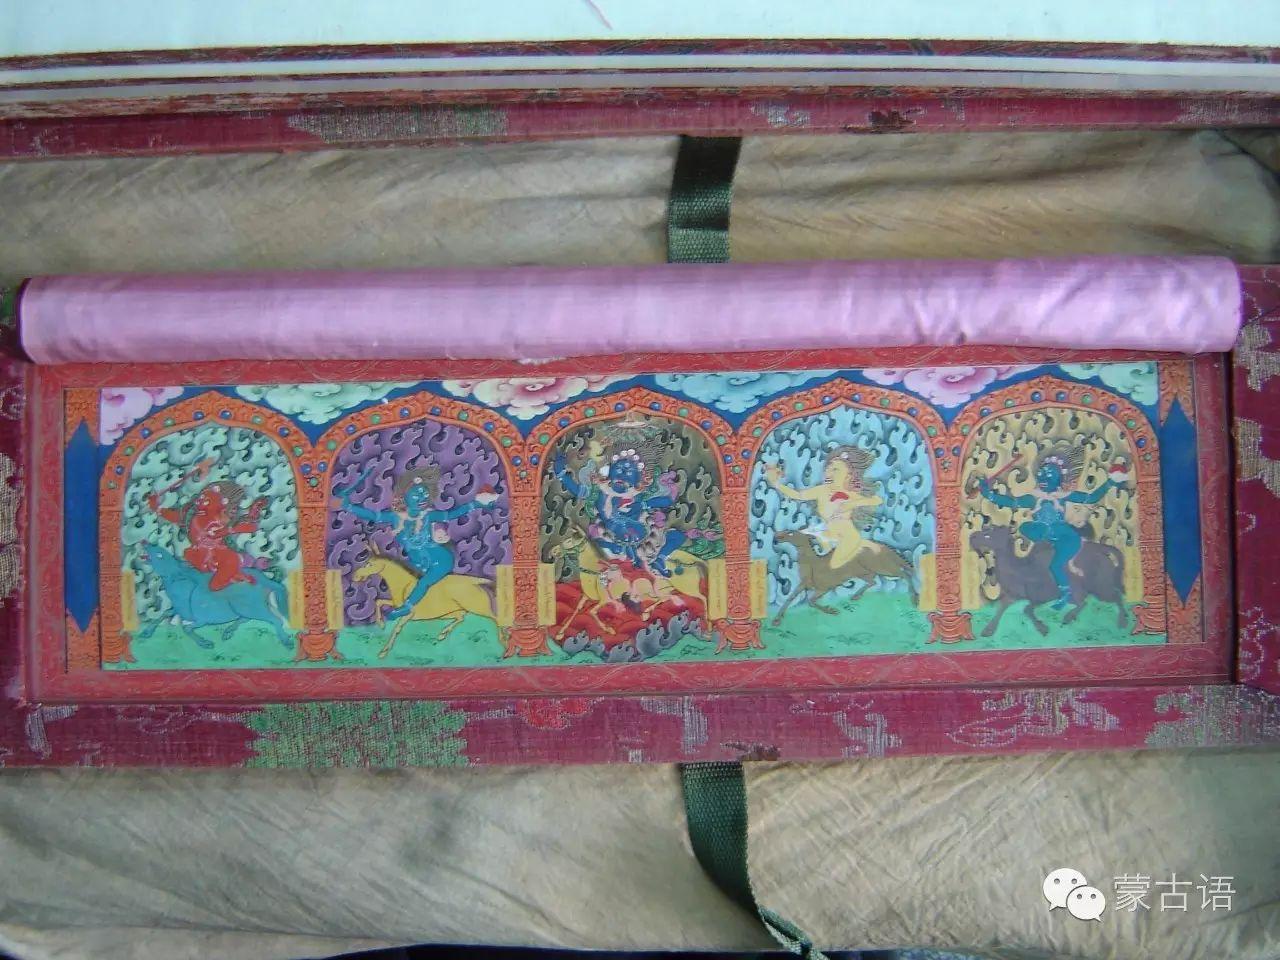 【文化】清康乾宫廷内府刻蒙古文《大藏经》印经板 第3张